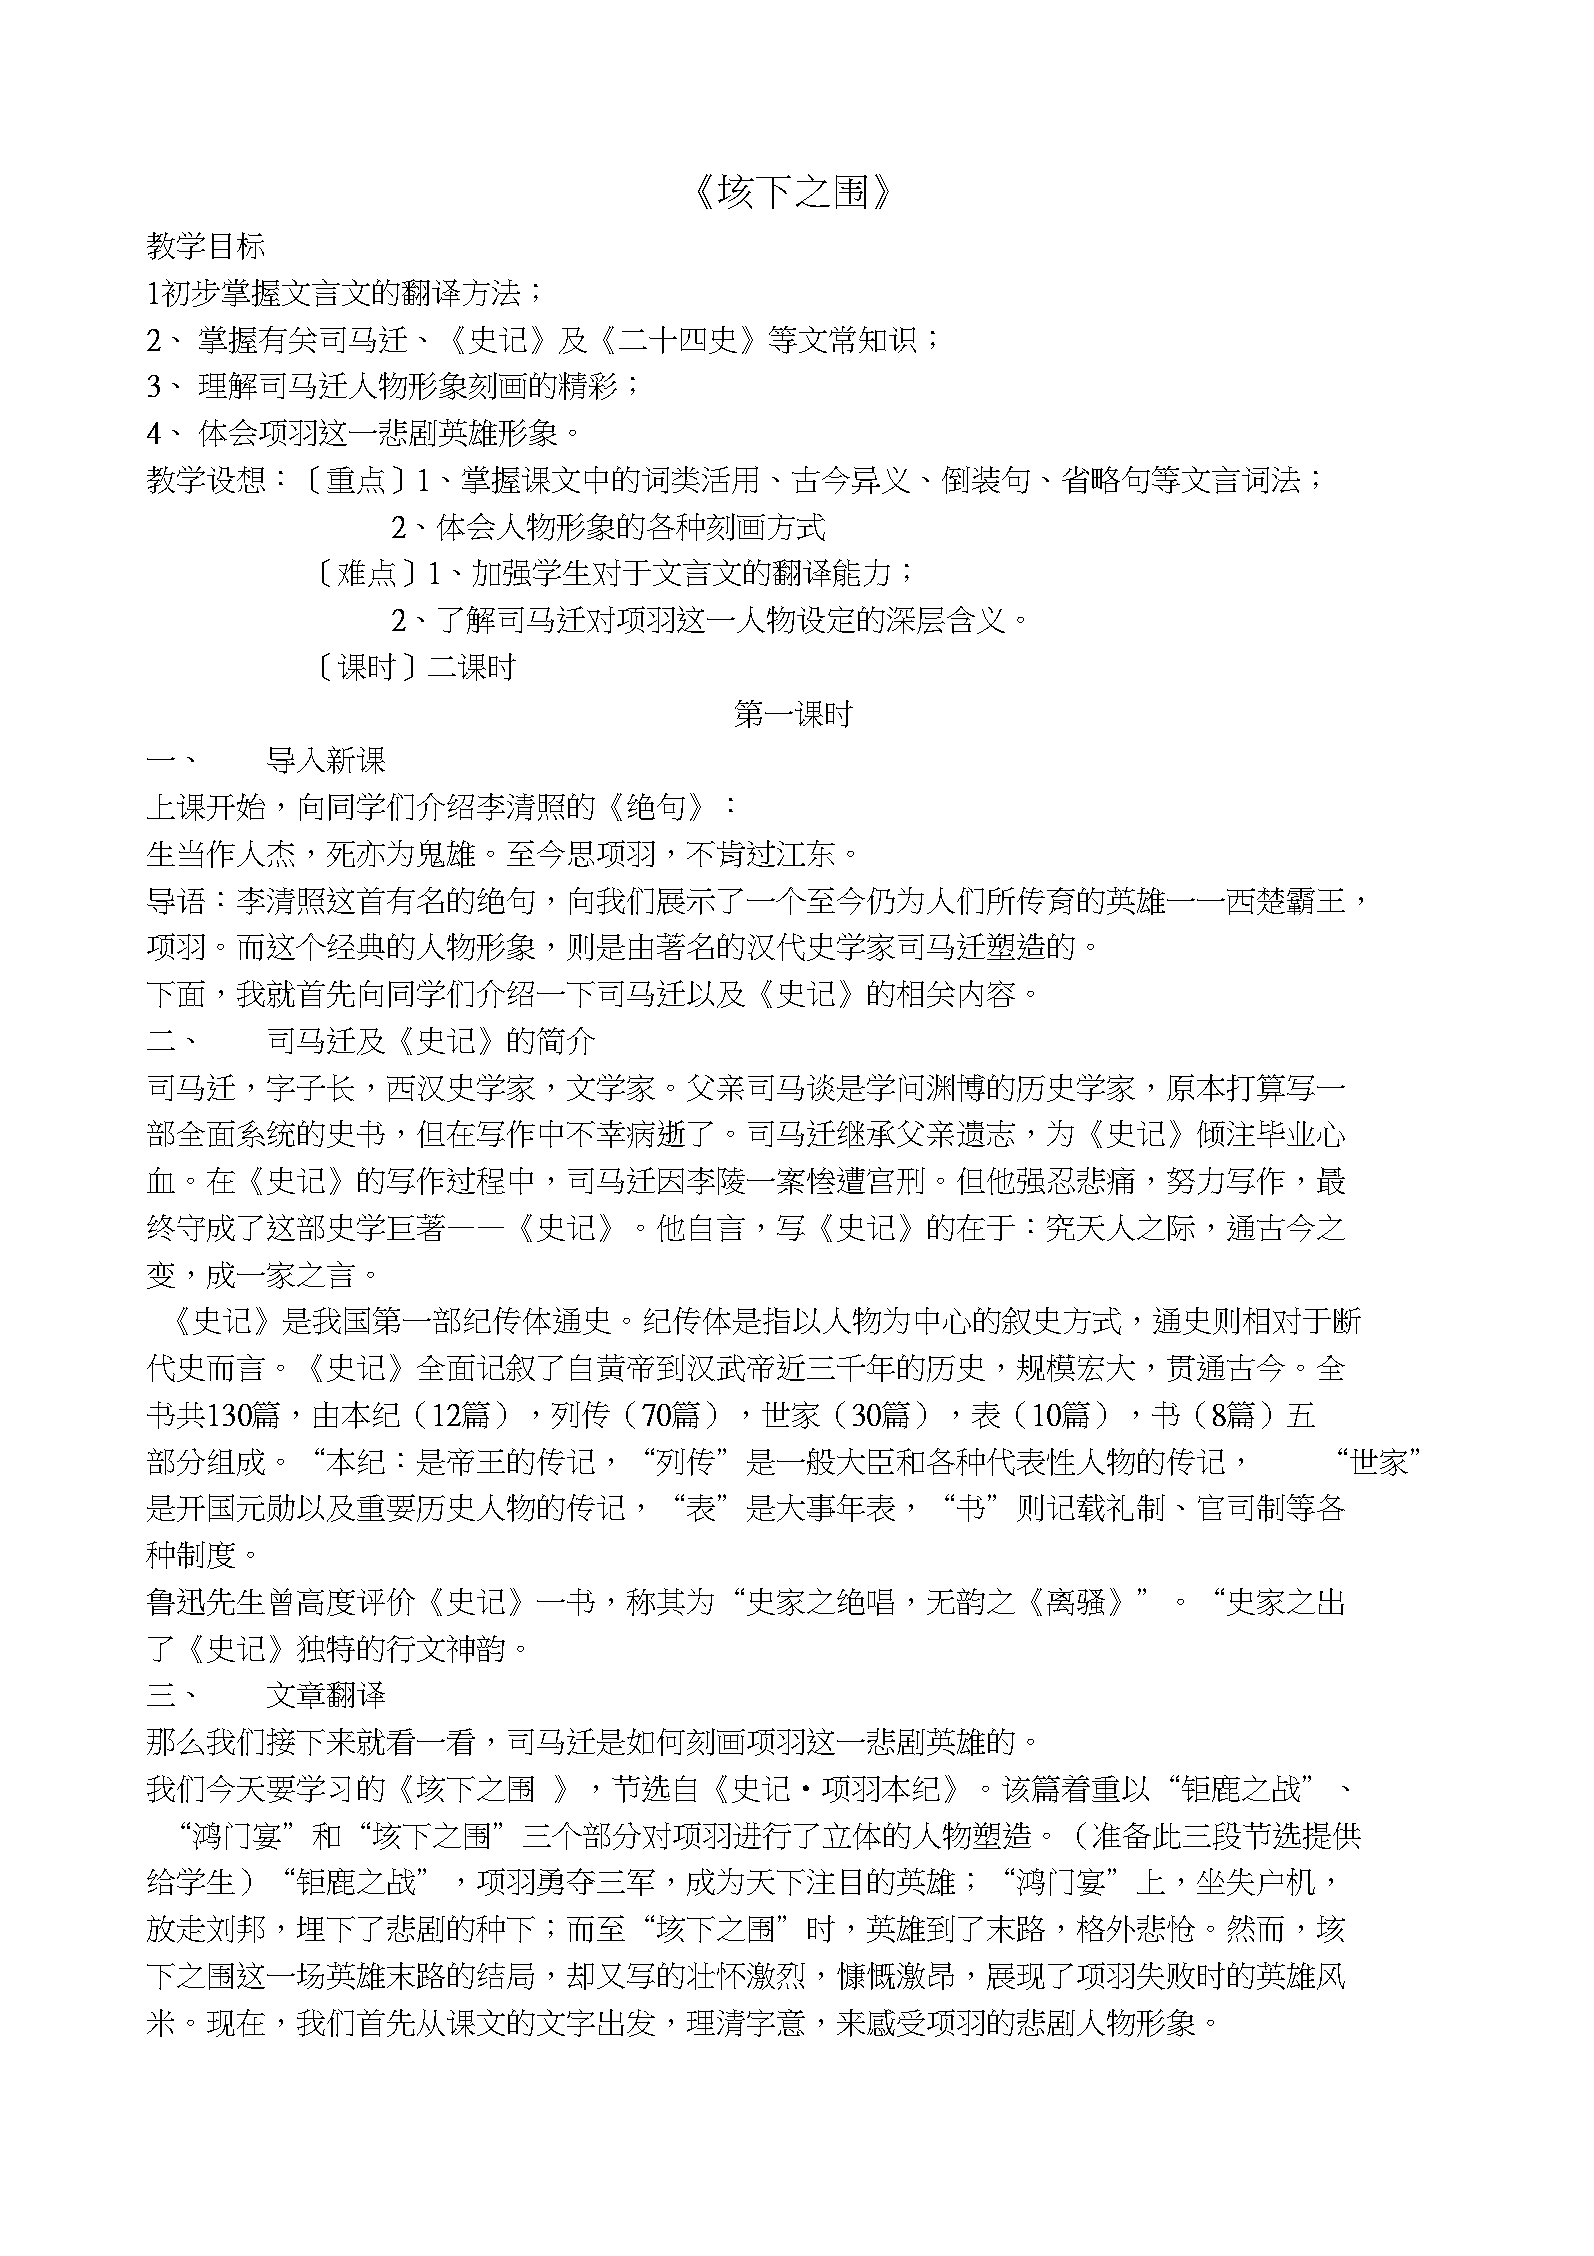 大学语文教案12垓下之围.docx